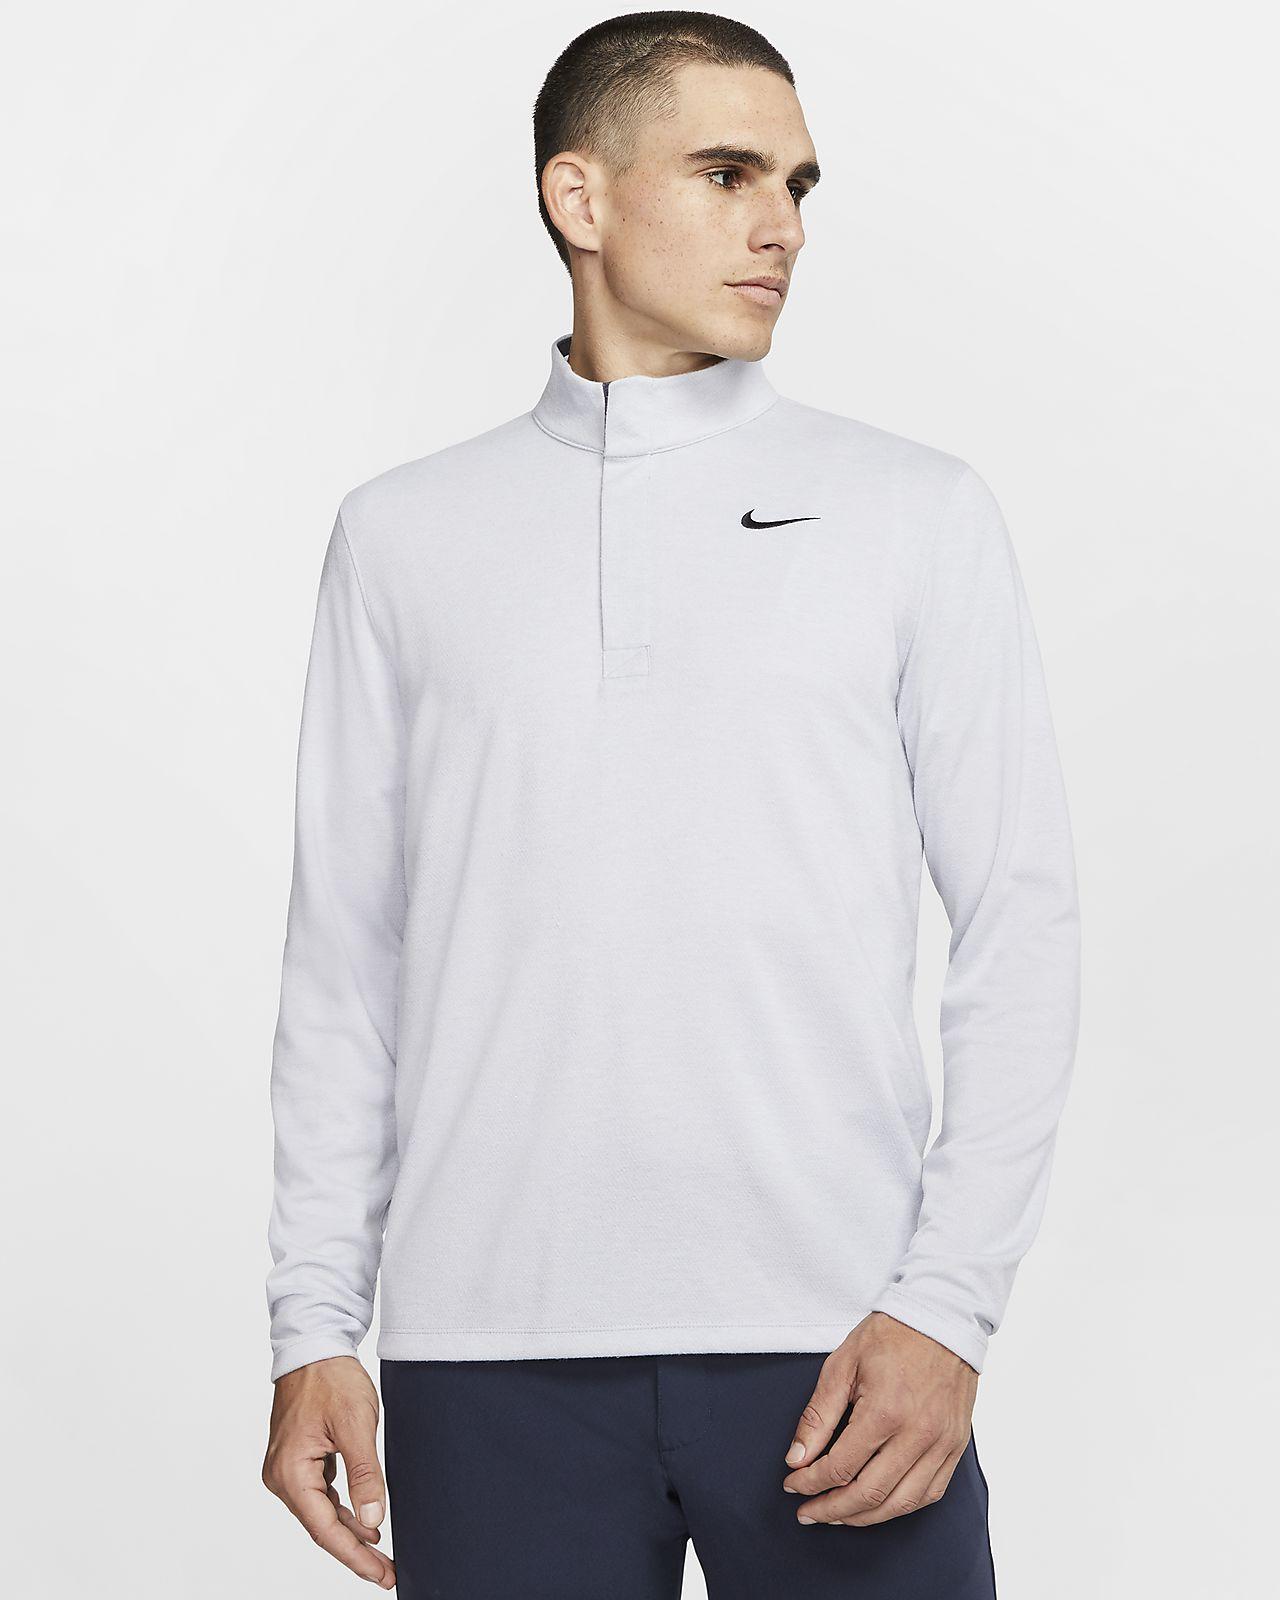 Maglia da golf con zip a metà lunghezza Nike Dri-FIT Victory - Uomo